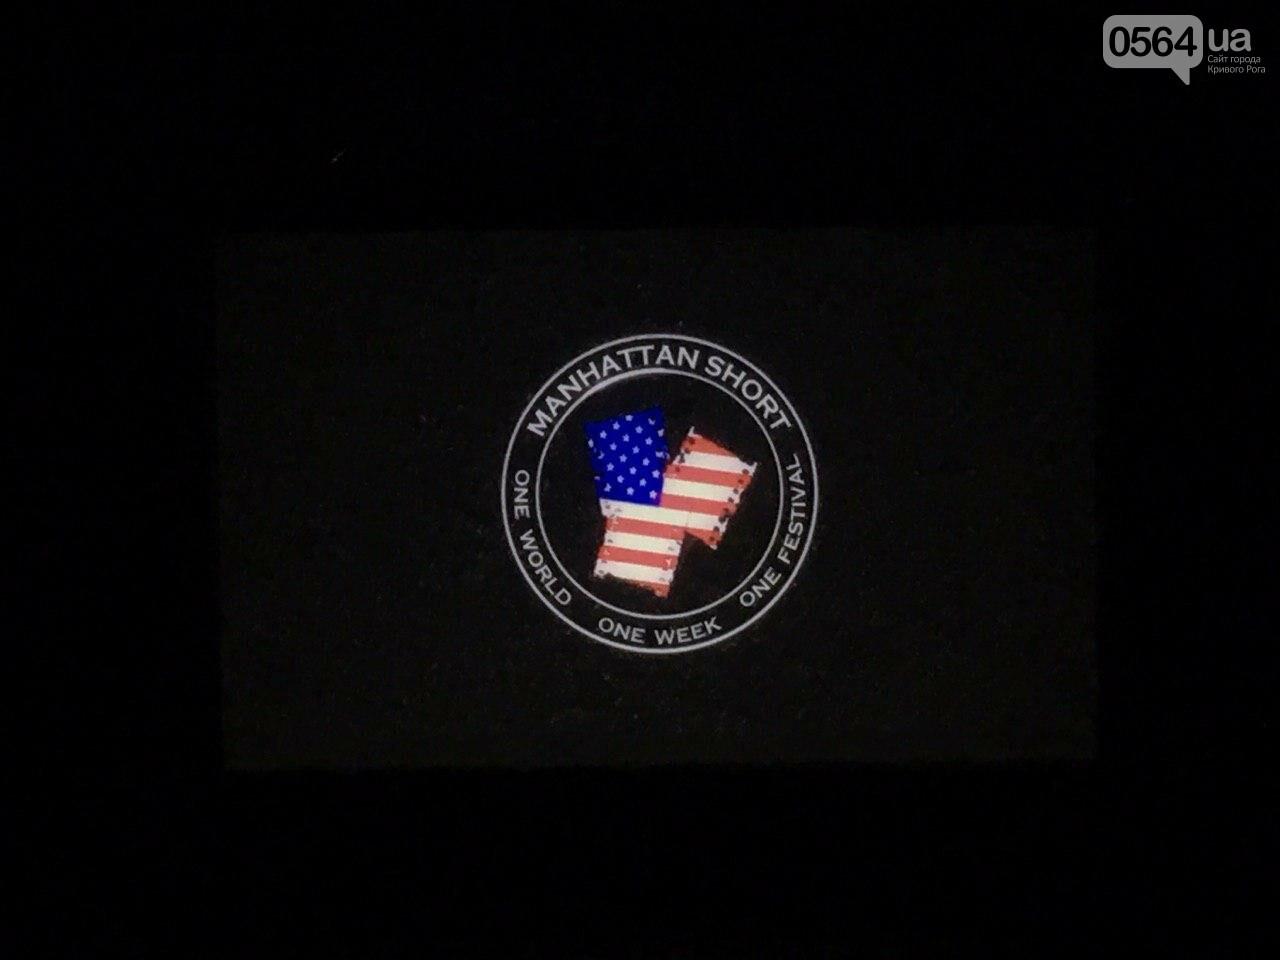 Криворожане проголосовали за лучшие короткометражные фильмы, показанные в рамках Манхеттенского фестиваля, - ФОТО, ВИДЕО , фото-23